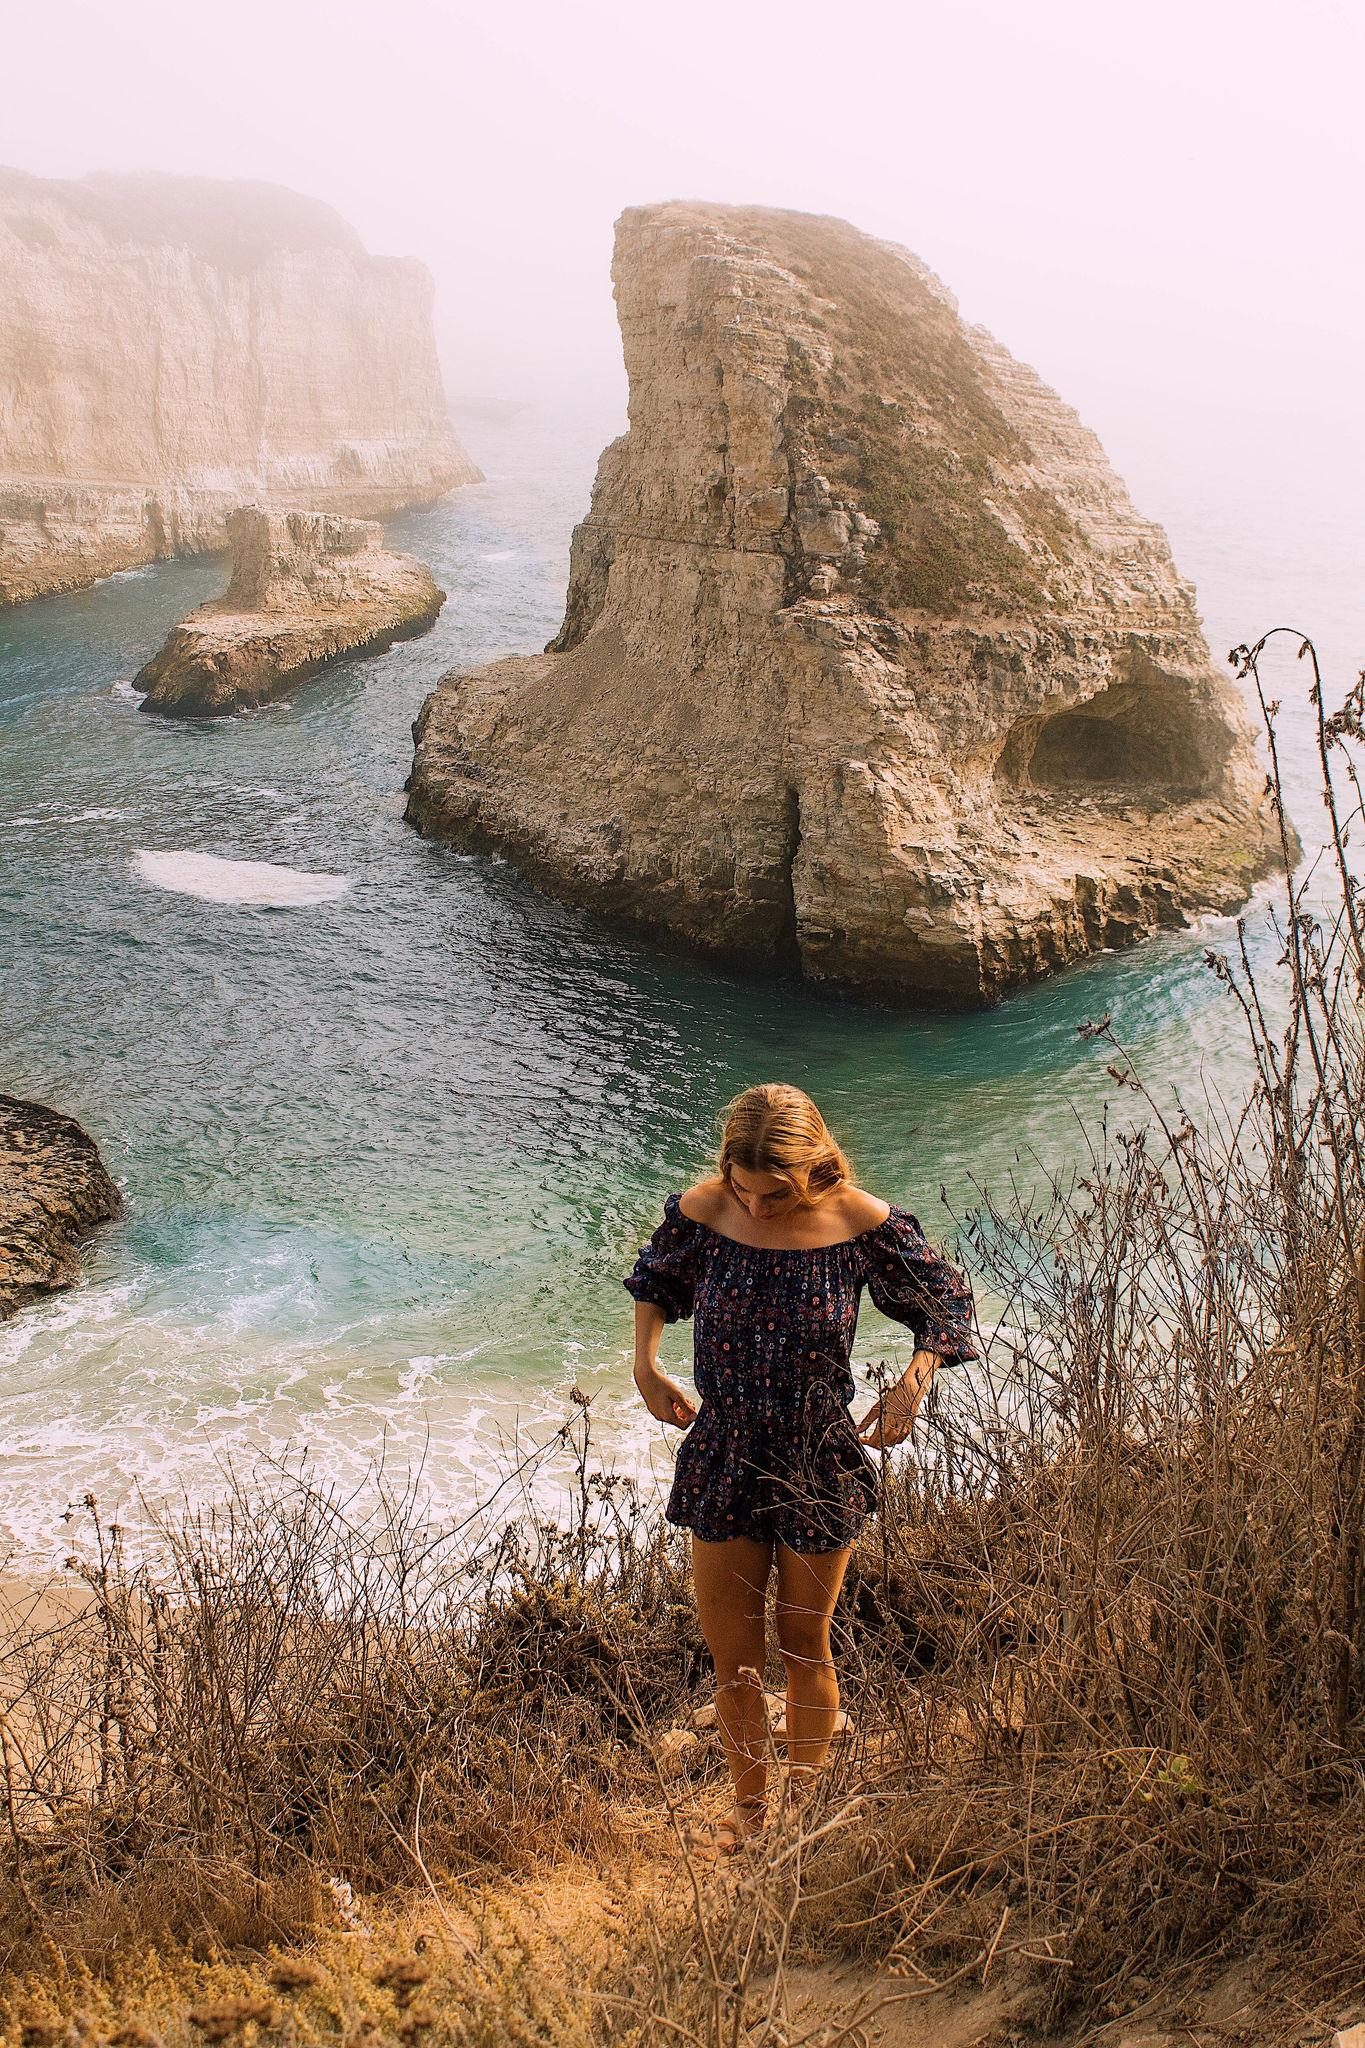 Weekend Getaway in Santa Cruz | Connecting With Nature